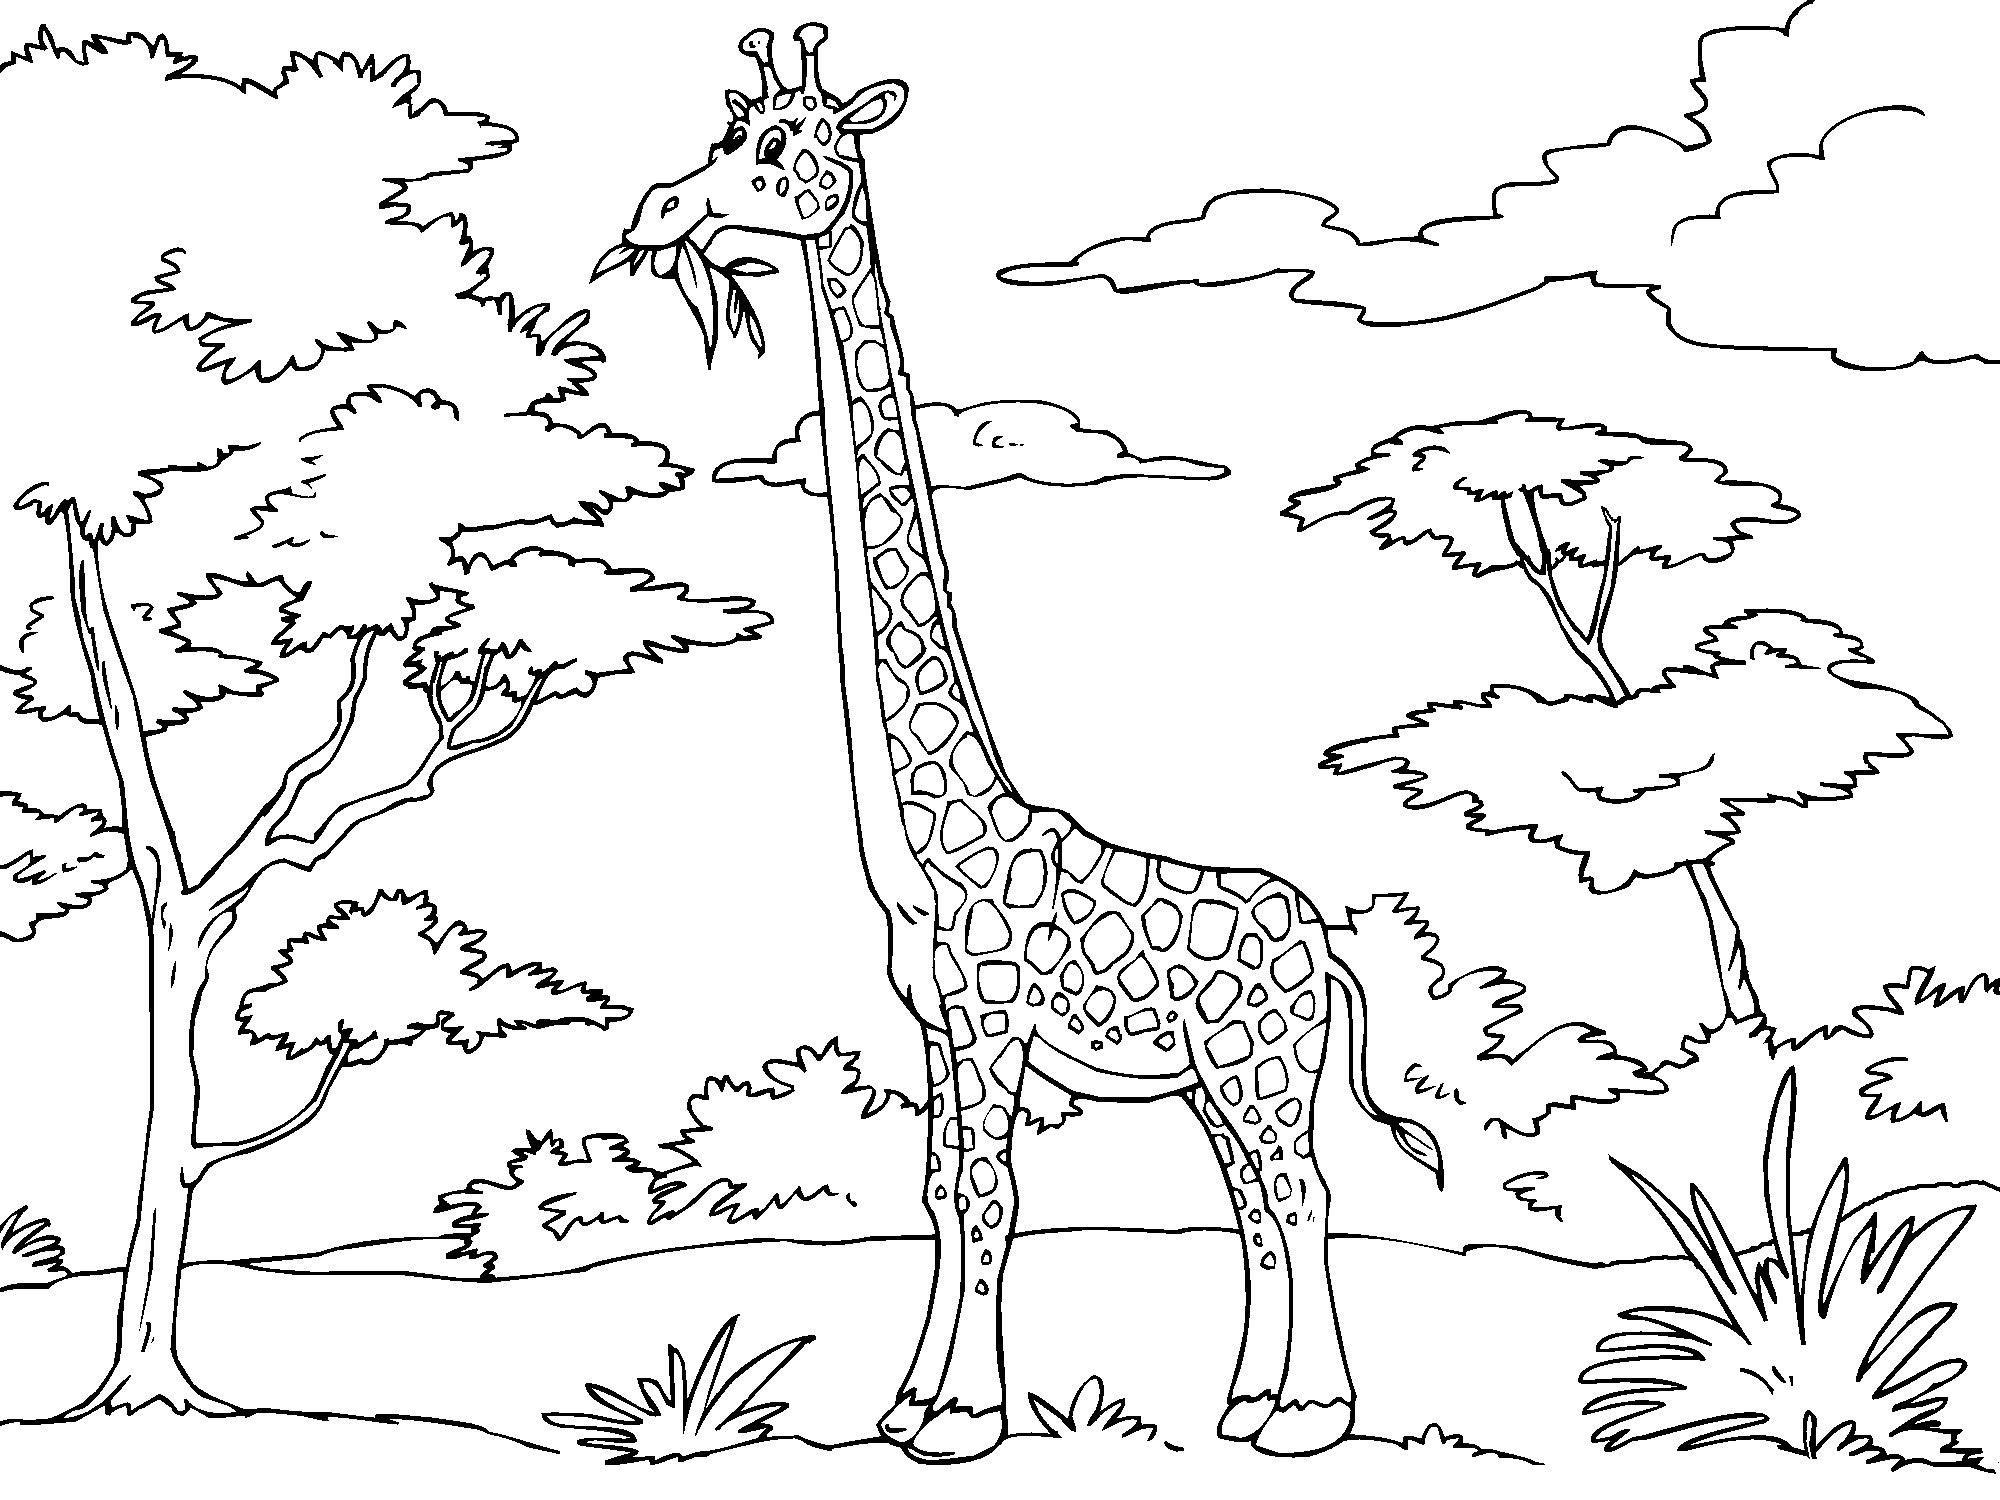 Malvorlage Giraffe Ausmalbild 23012